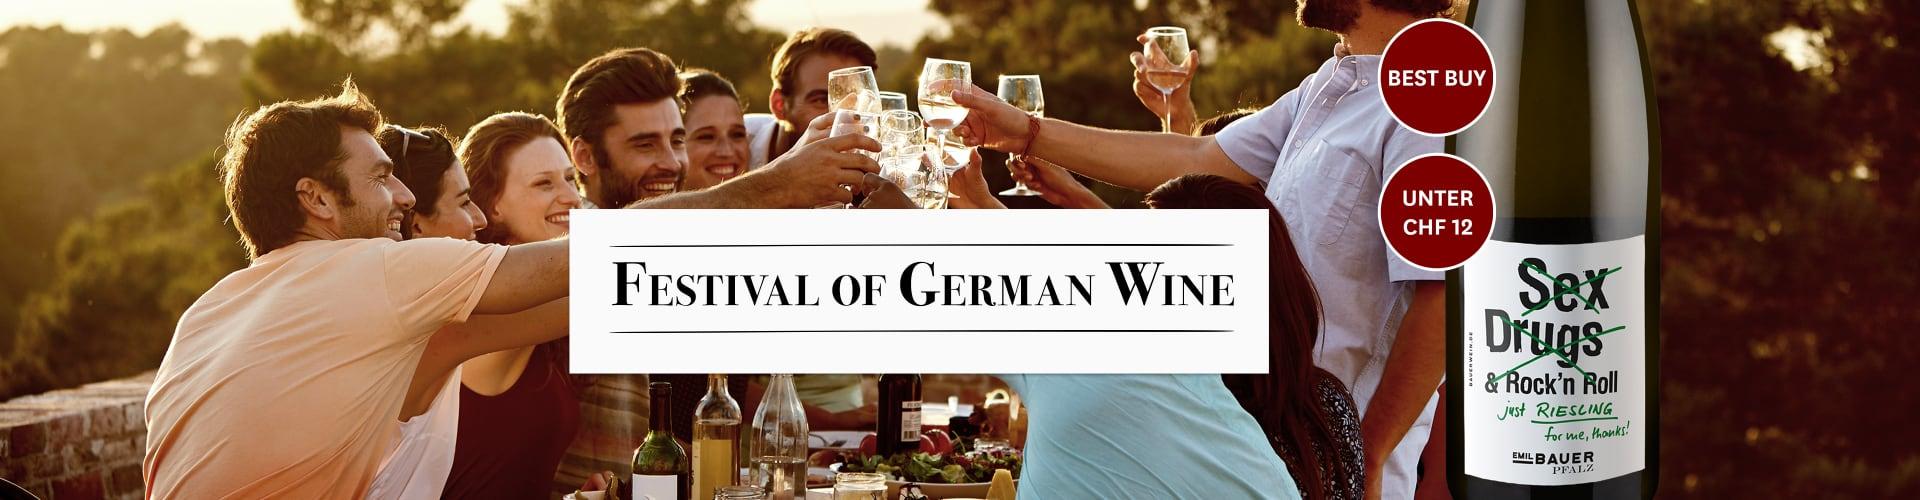 Festival des deutschen Weins